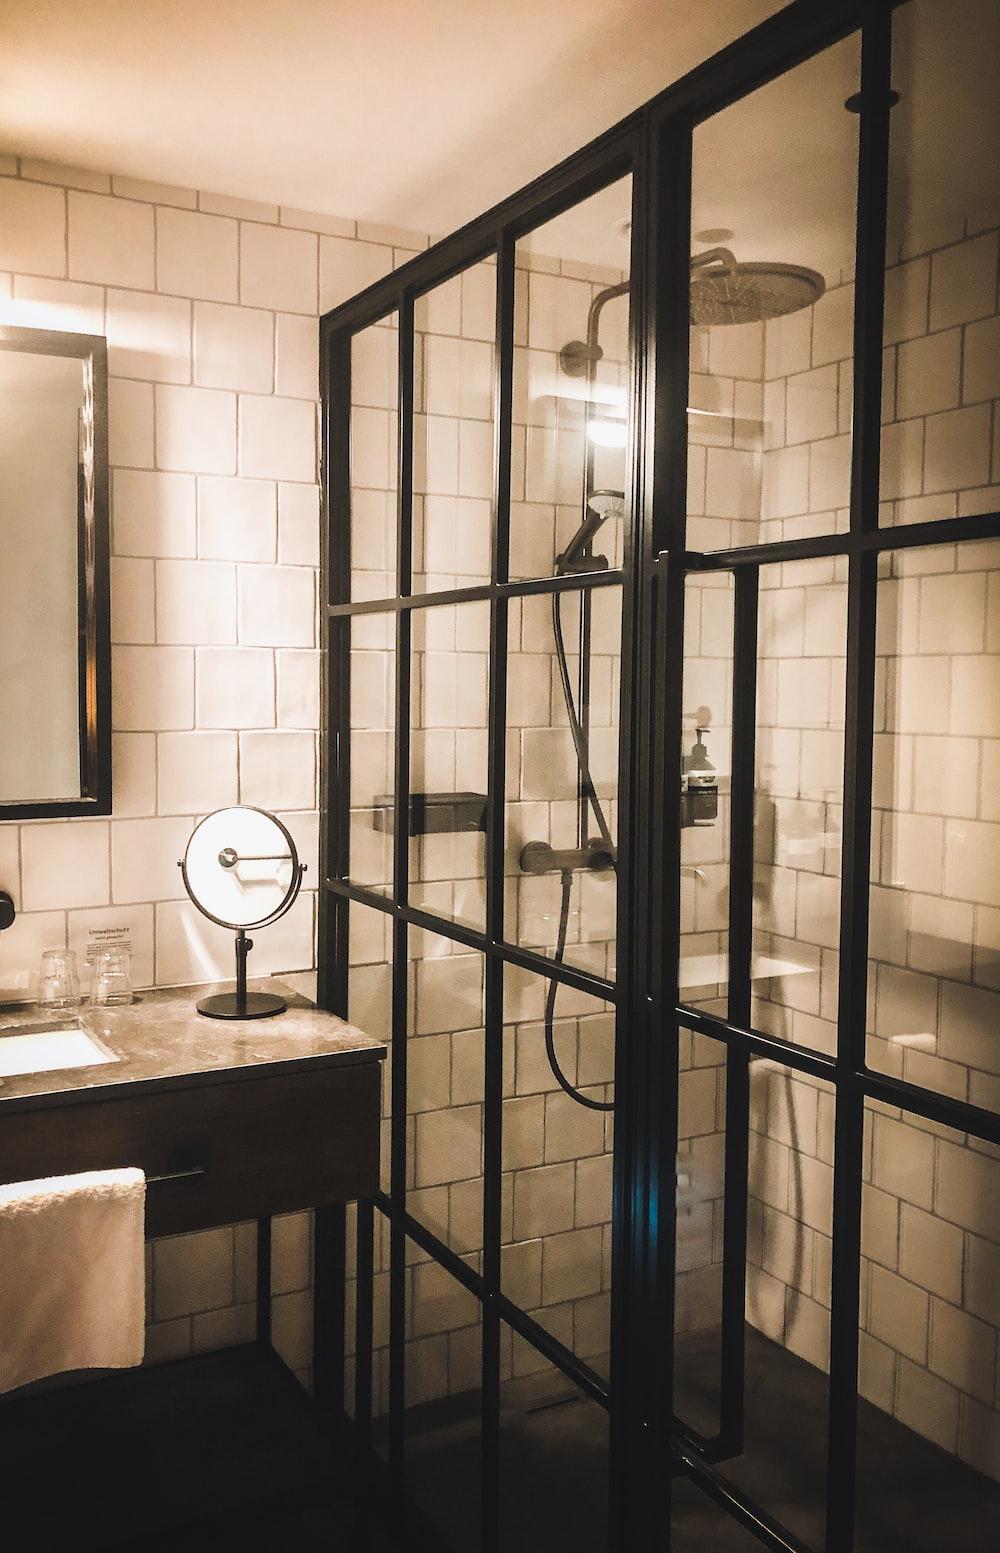 white ceramic sink near black framed glass door